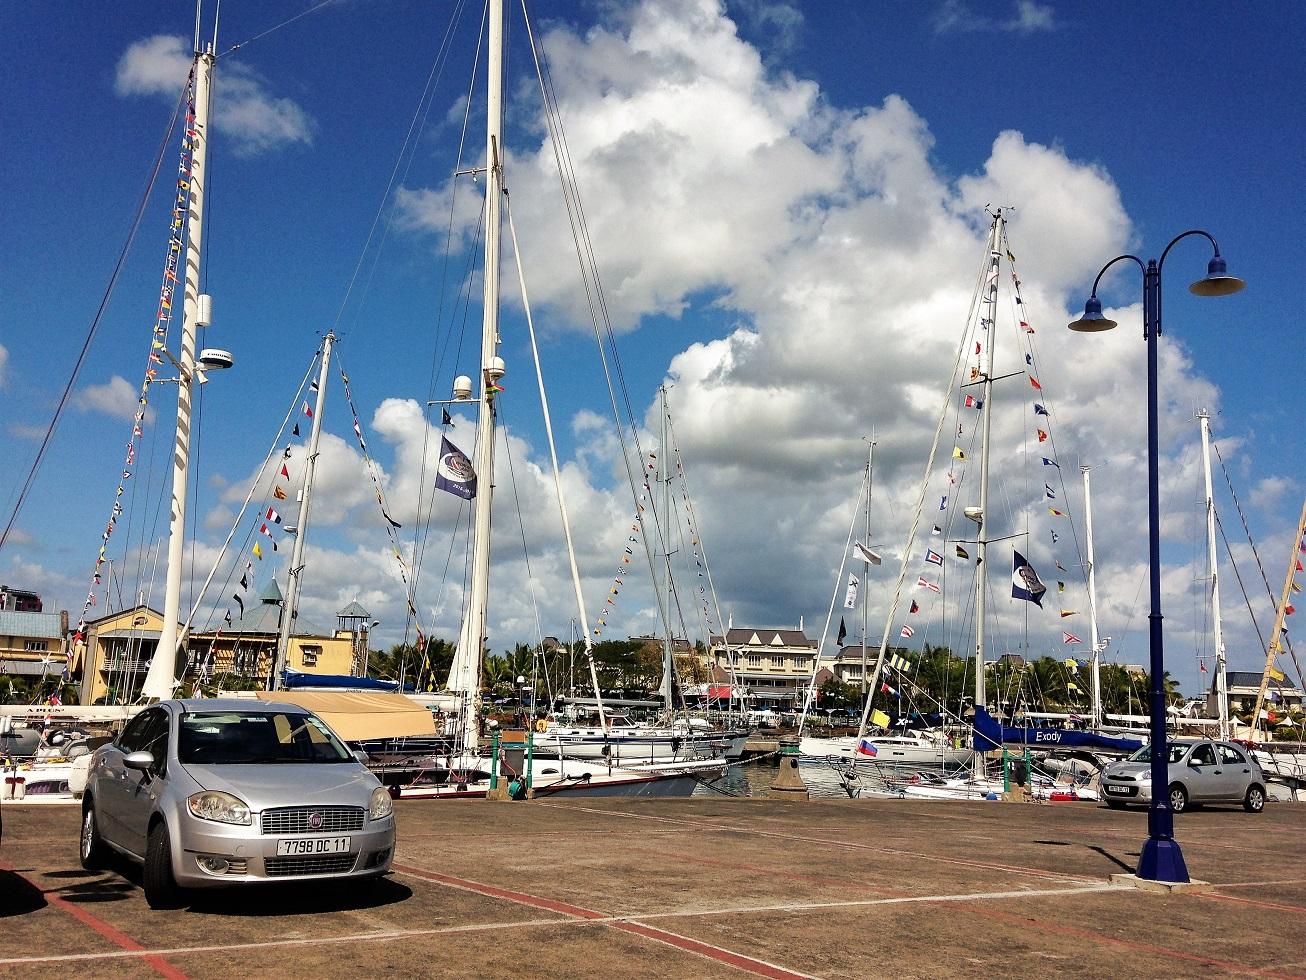 fleet at dock.JPG